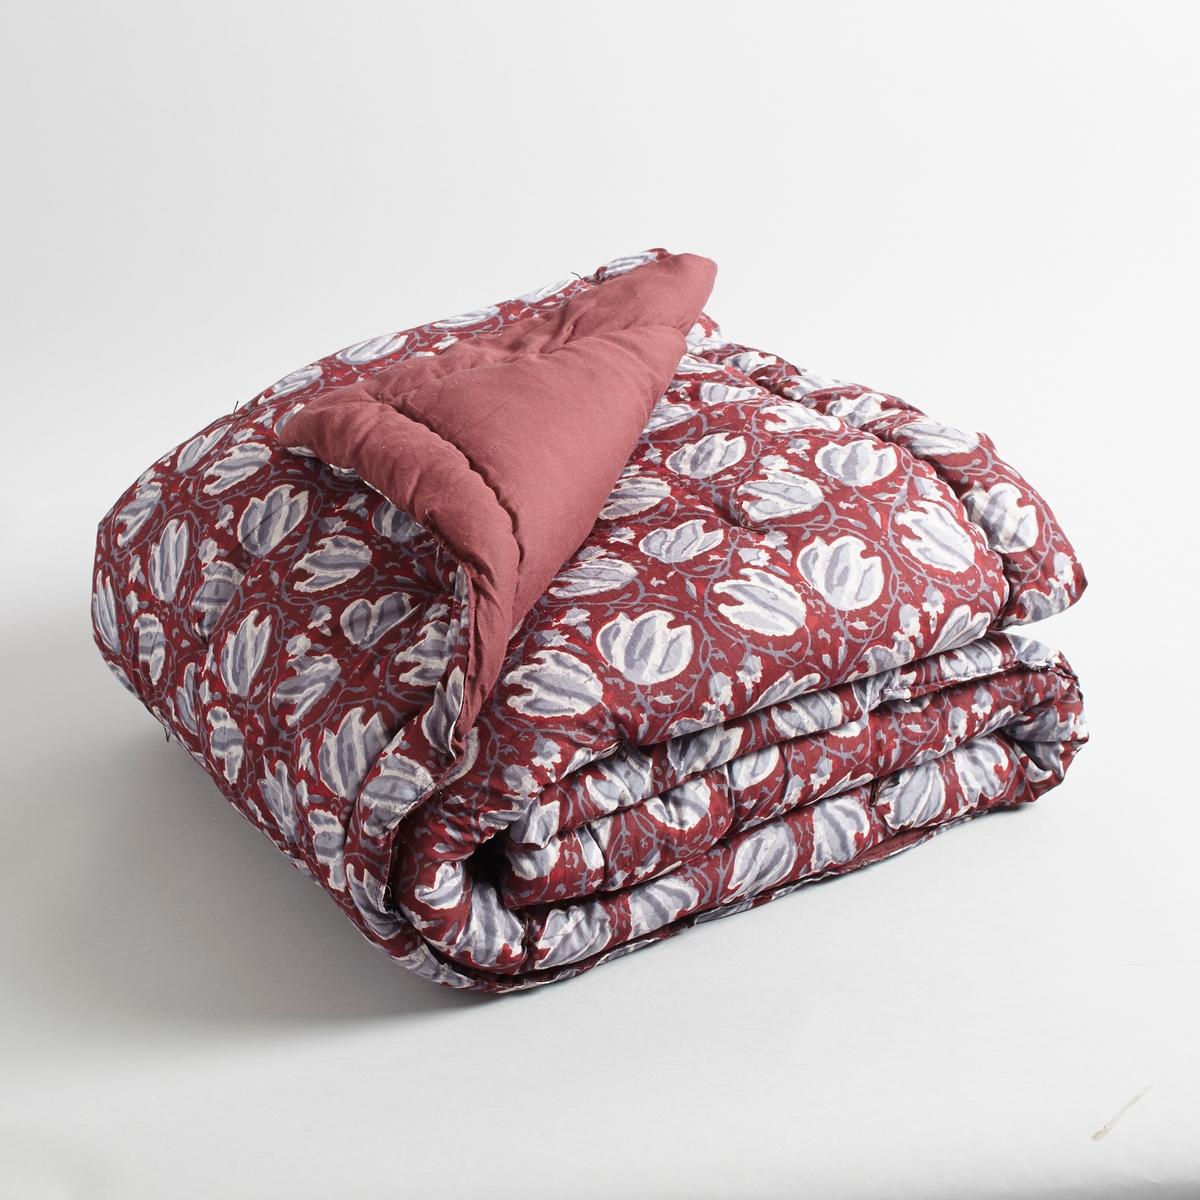 Одеяло SusheelaСтеганое одеяло с индийским цветочным орнаментом. Идеально для создания тёплой атмосферы.Верх 100 % хлопок. Прошито вручную.Ручная работа.Наполнитель из 100% полиэстера (275 г/см).Стирка при 30°.<br><br>Цвет: набивной рисунок